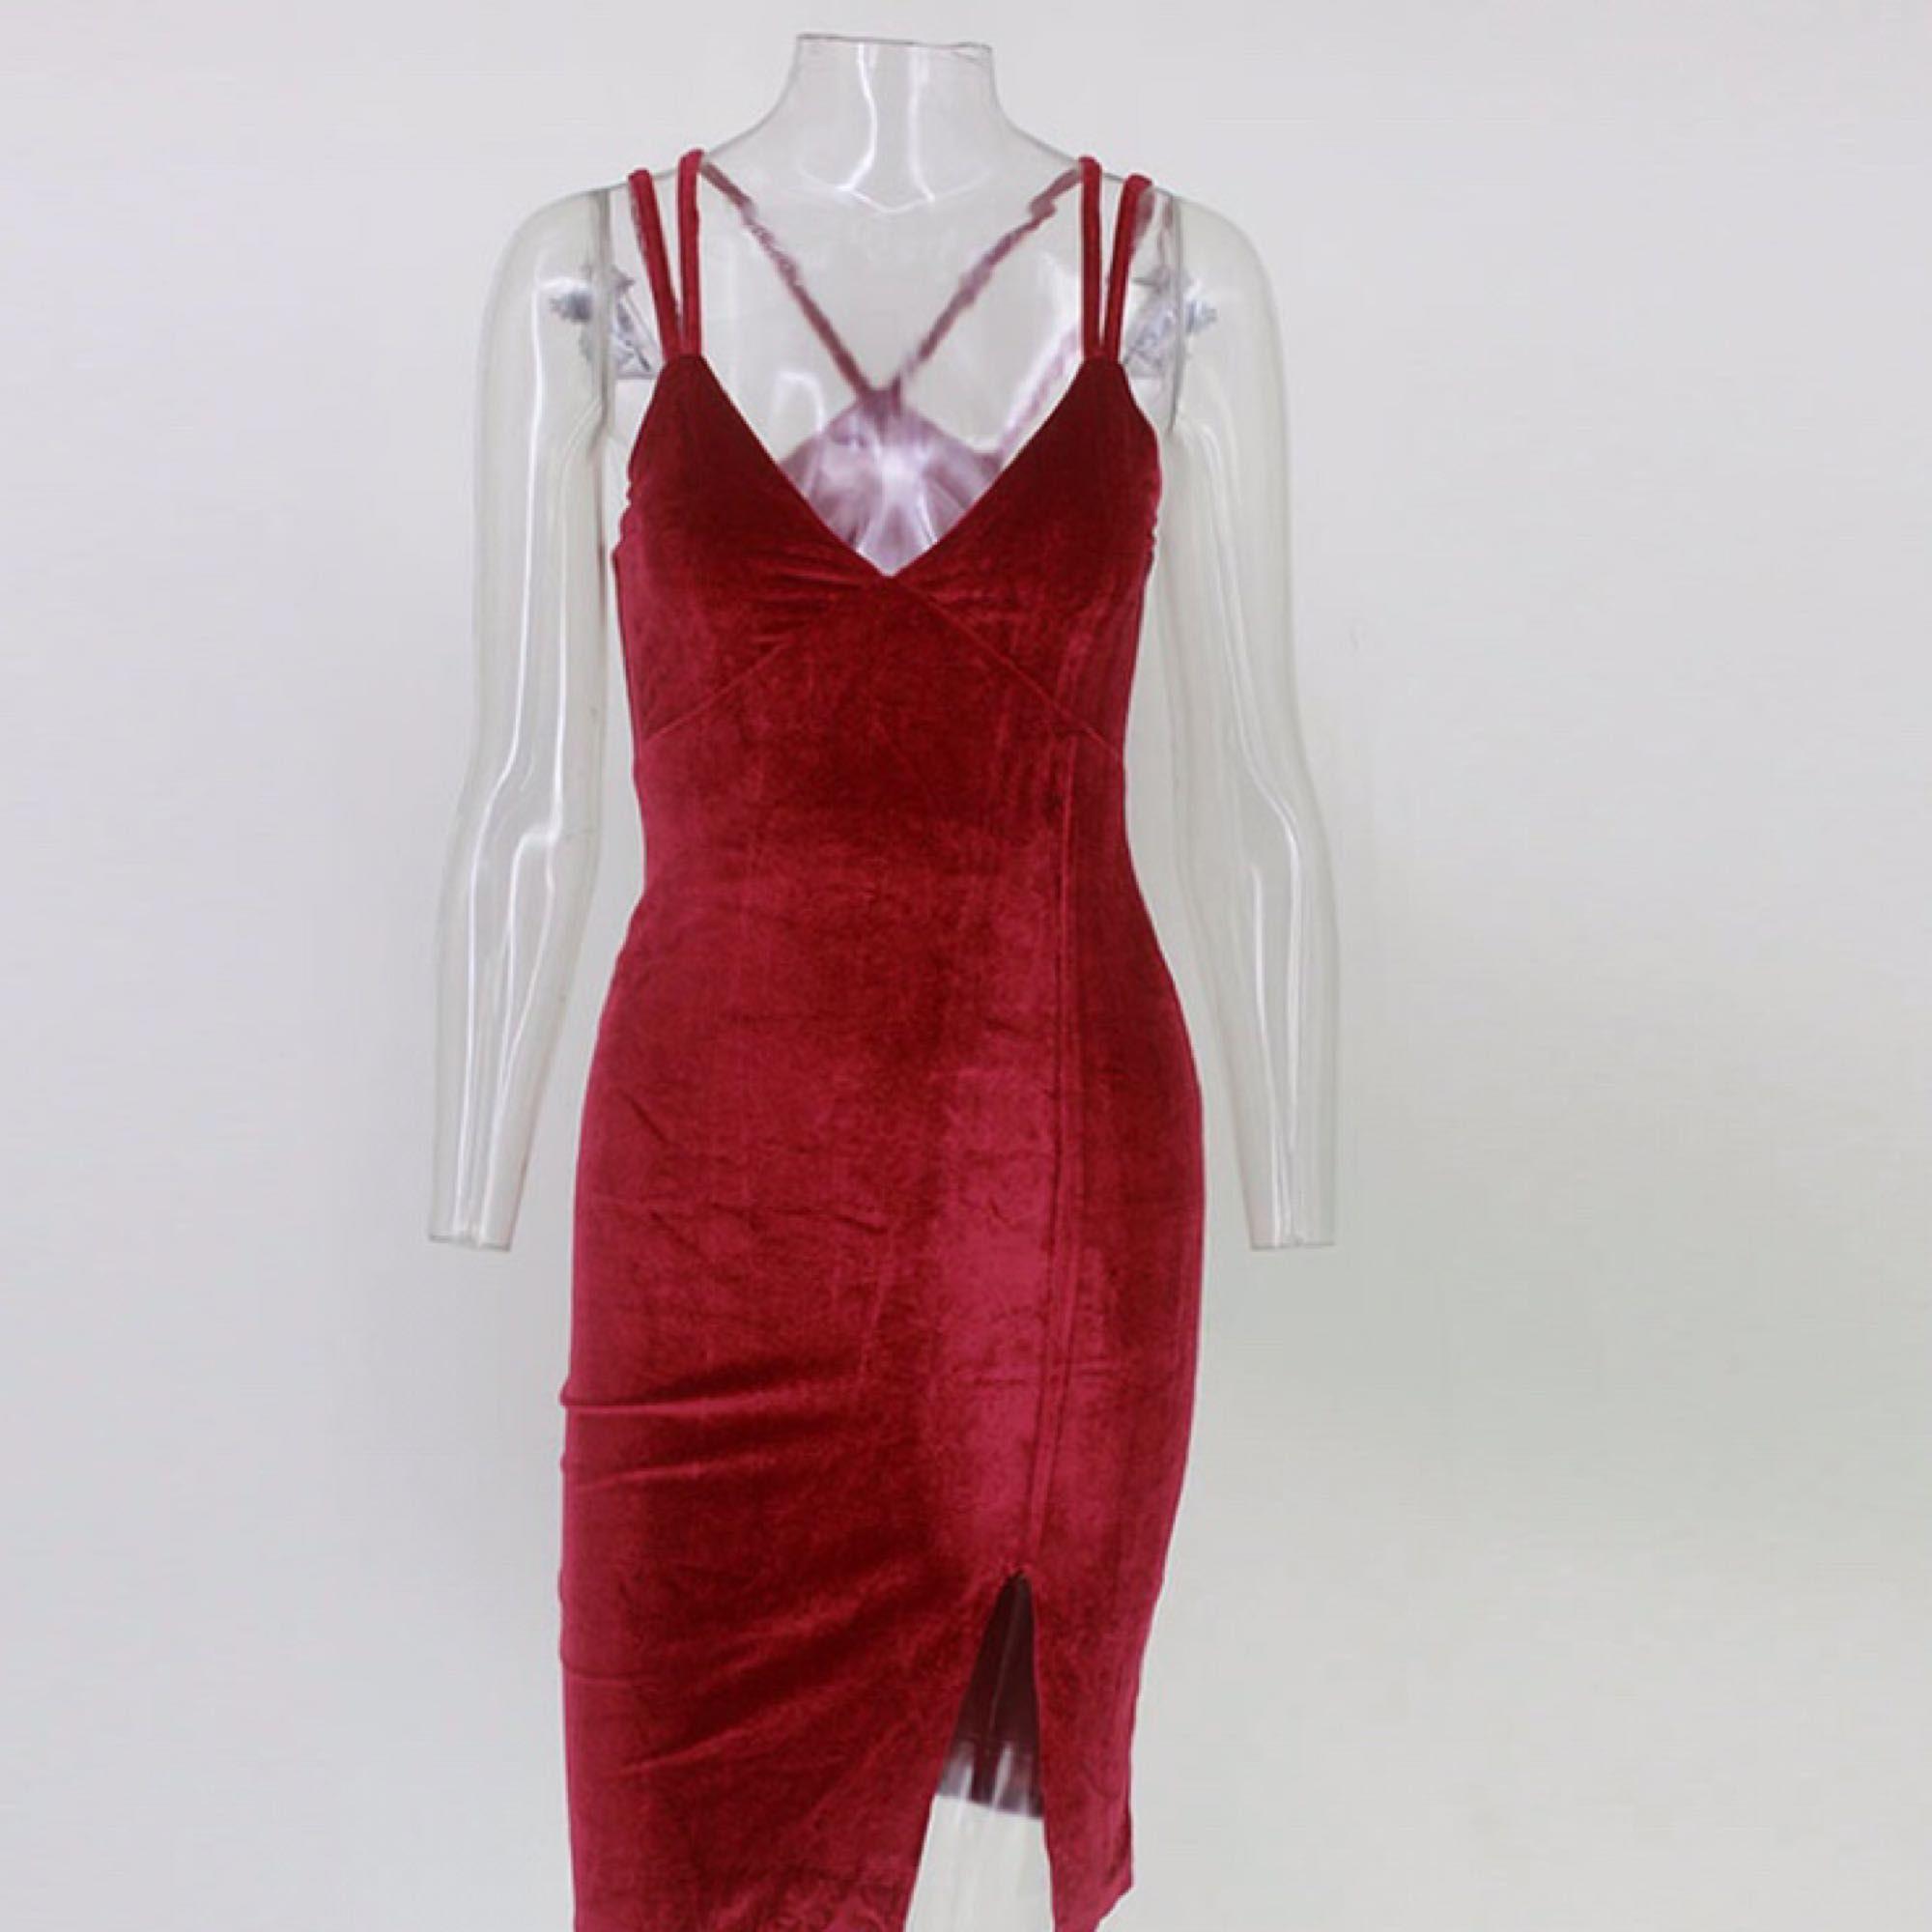 16dd69852faf Röd figursydd klänning i sammet. Helt oanvänd! Riktigt snygg passform  oavsett om man har ...